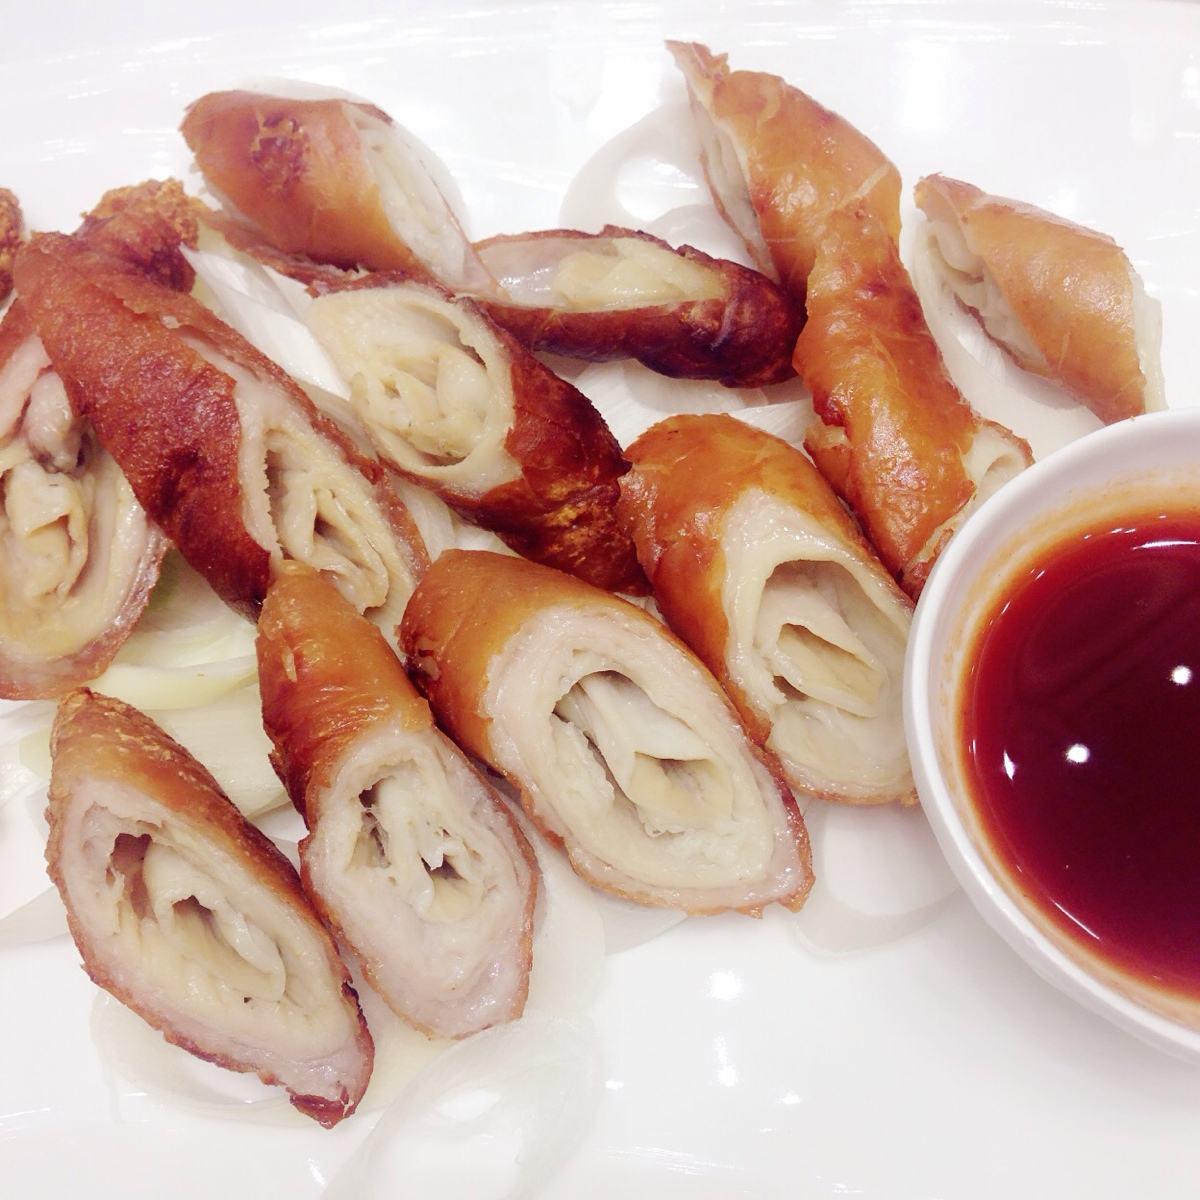 山西人最稀罕的20道晋菜,不要半夜看!每道都馋的不行 晋菜菜谱 第3张